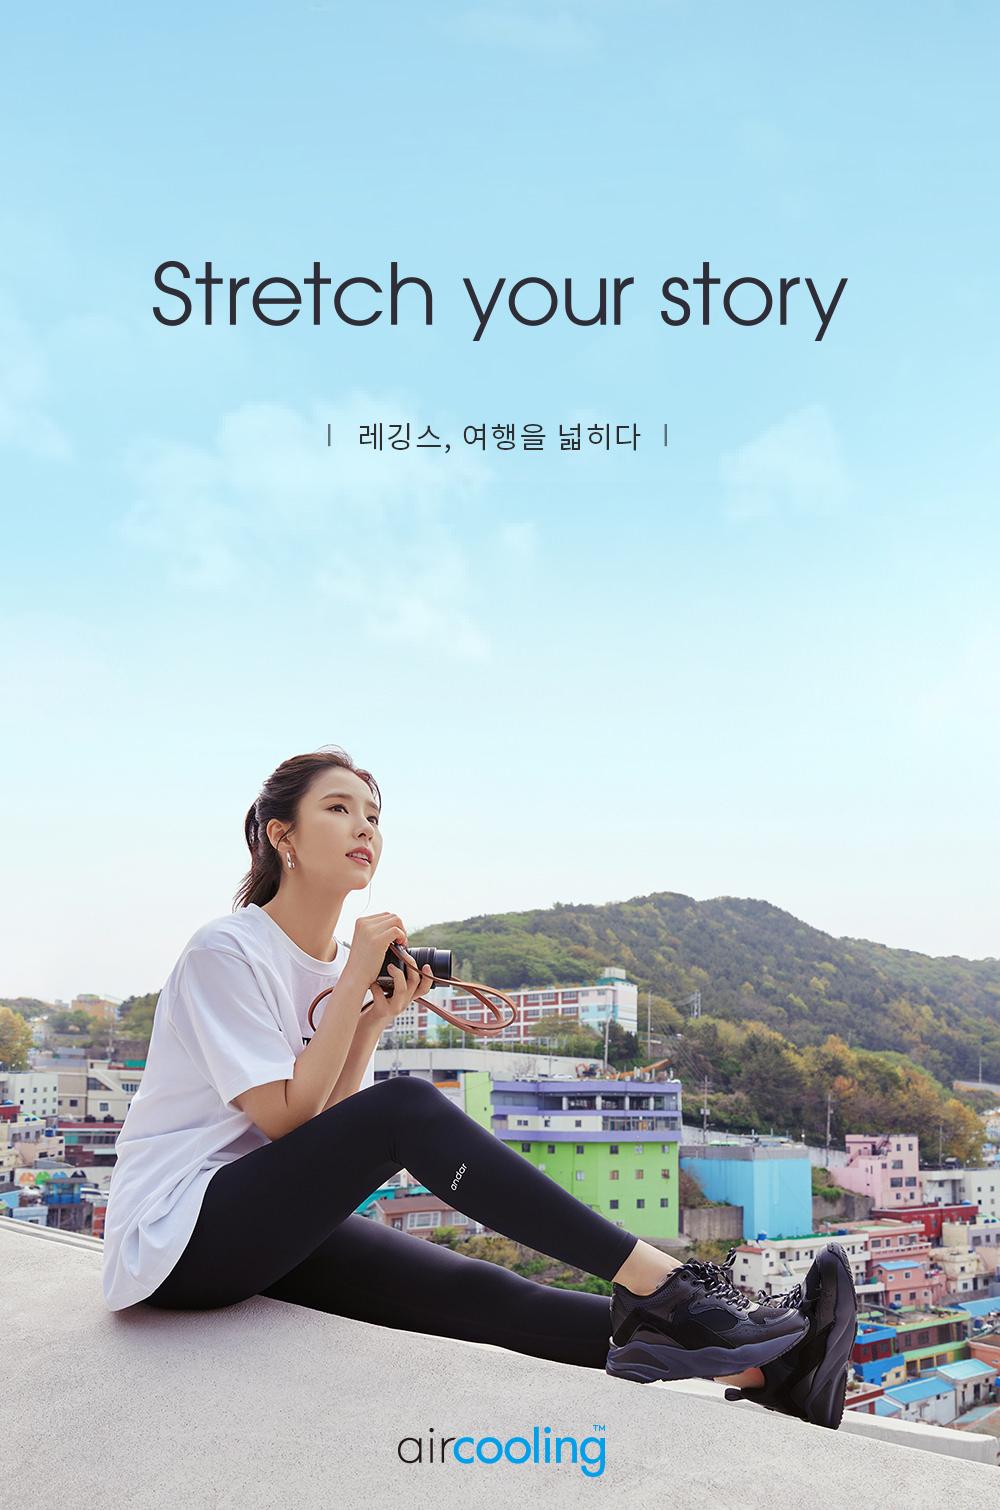 stretch your story 레깅스, 여행을 넓히다